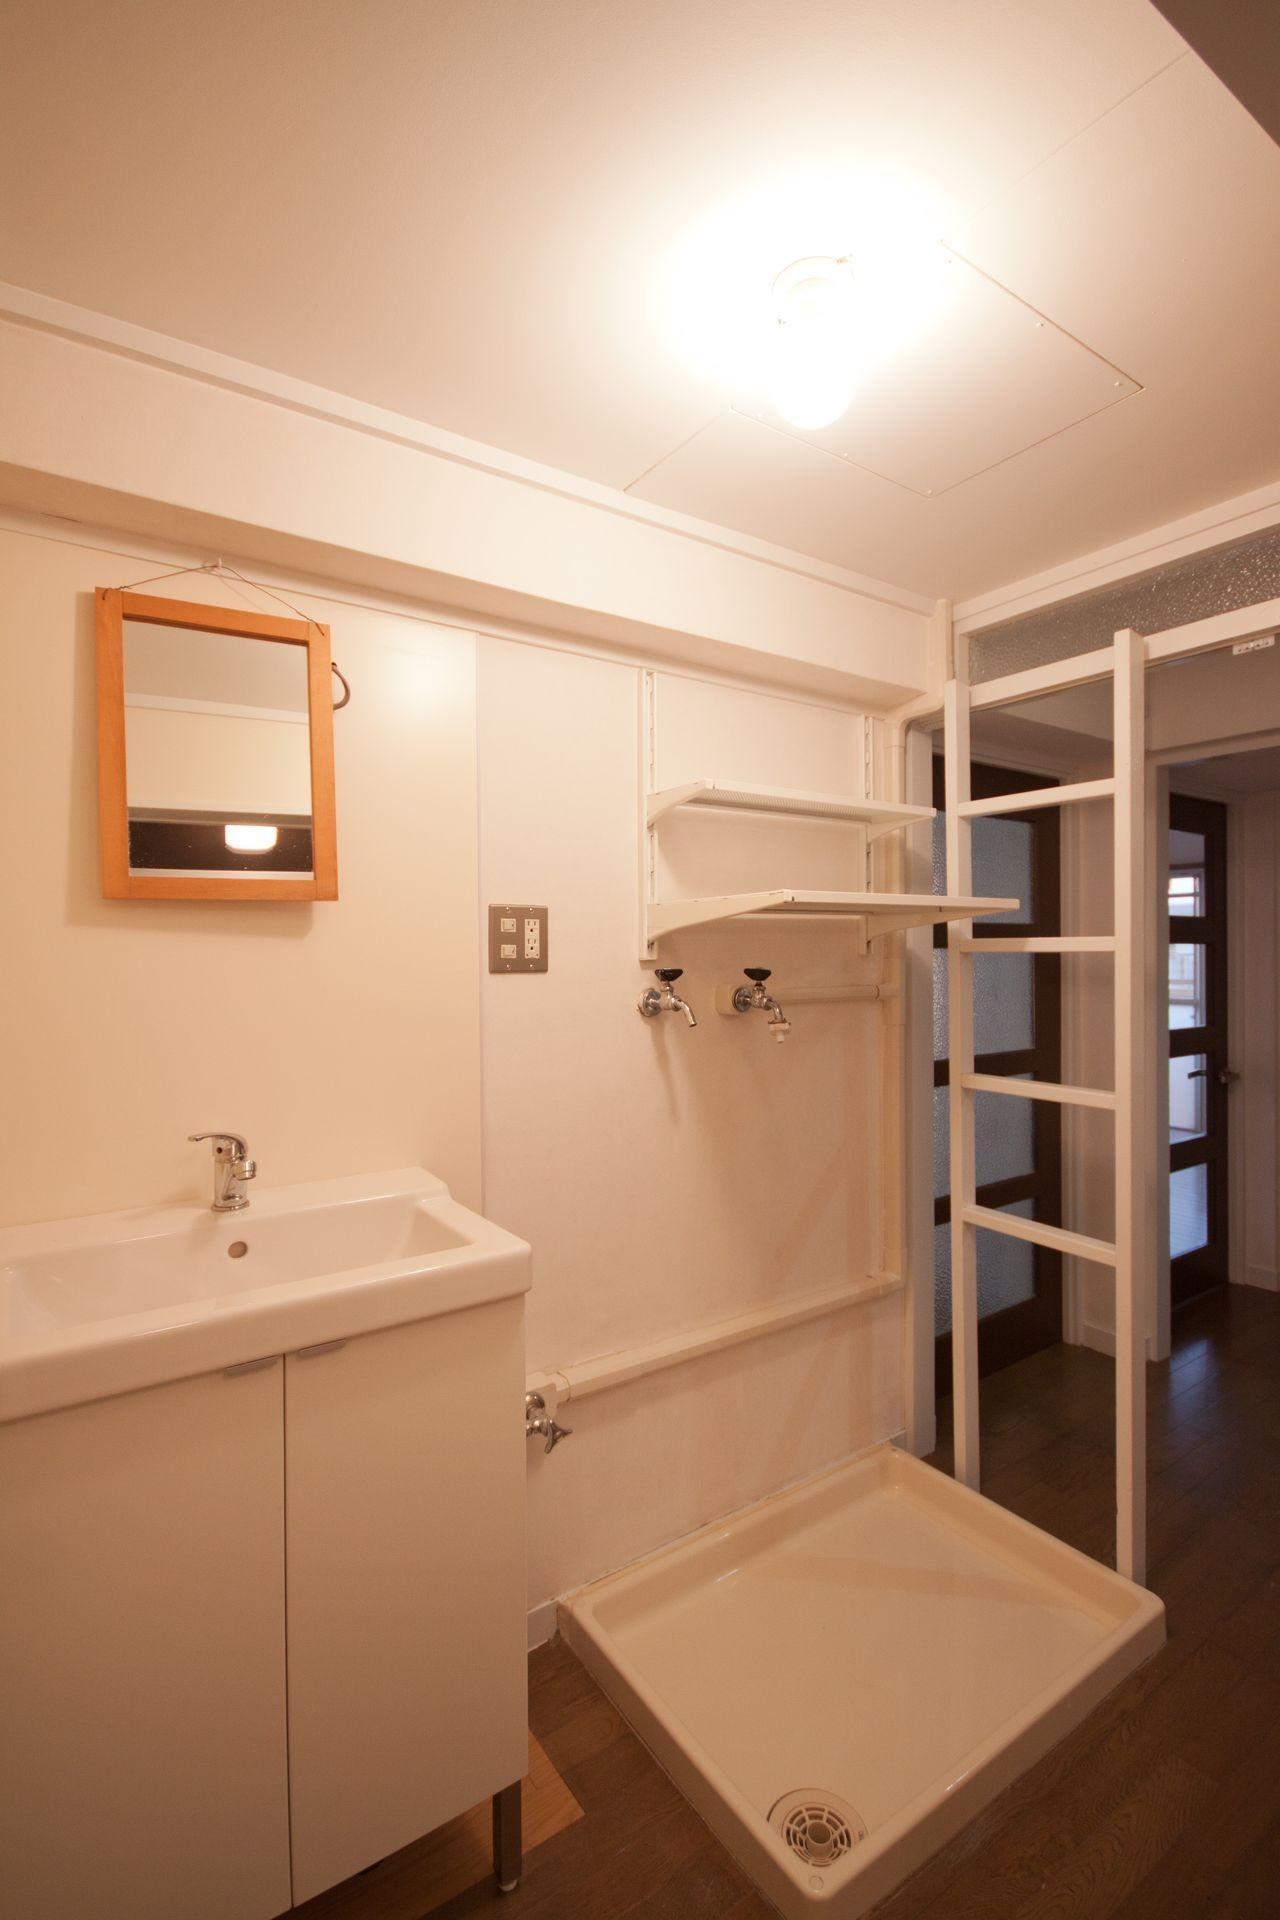 バス/トイレ事例:洗面脱衣室(東大路高野第三住宅リペア|京都の団地を好みに合わせて団地らしく仕立て直す)